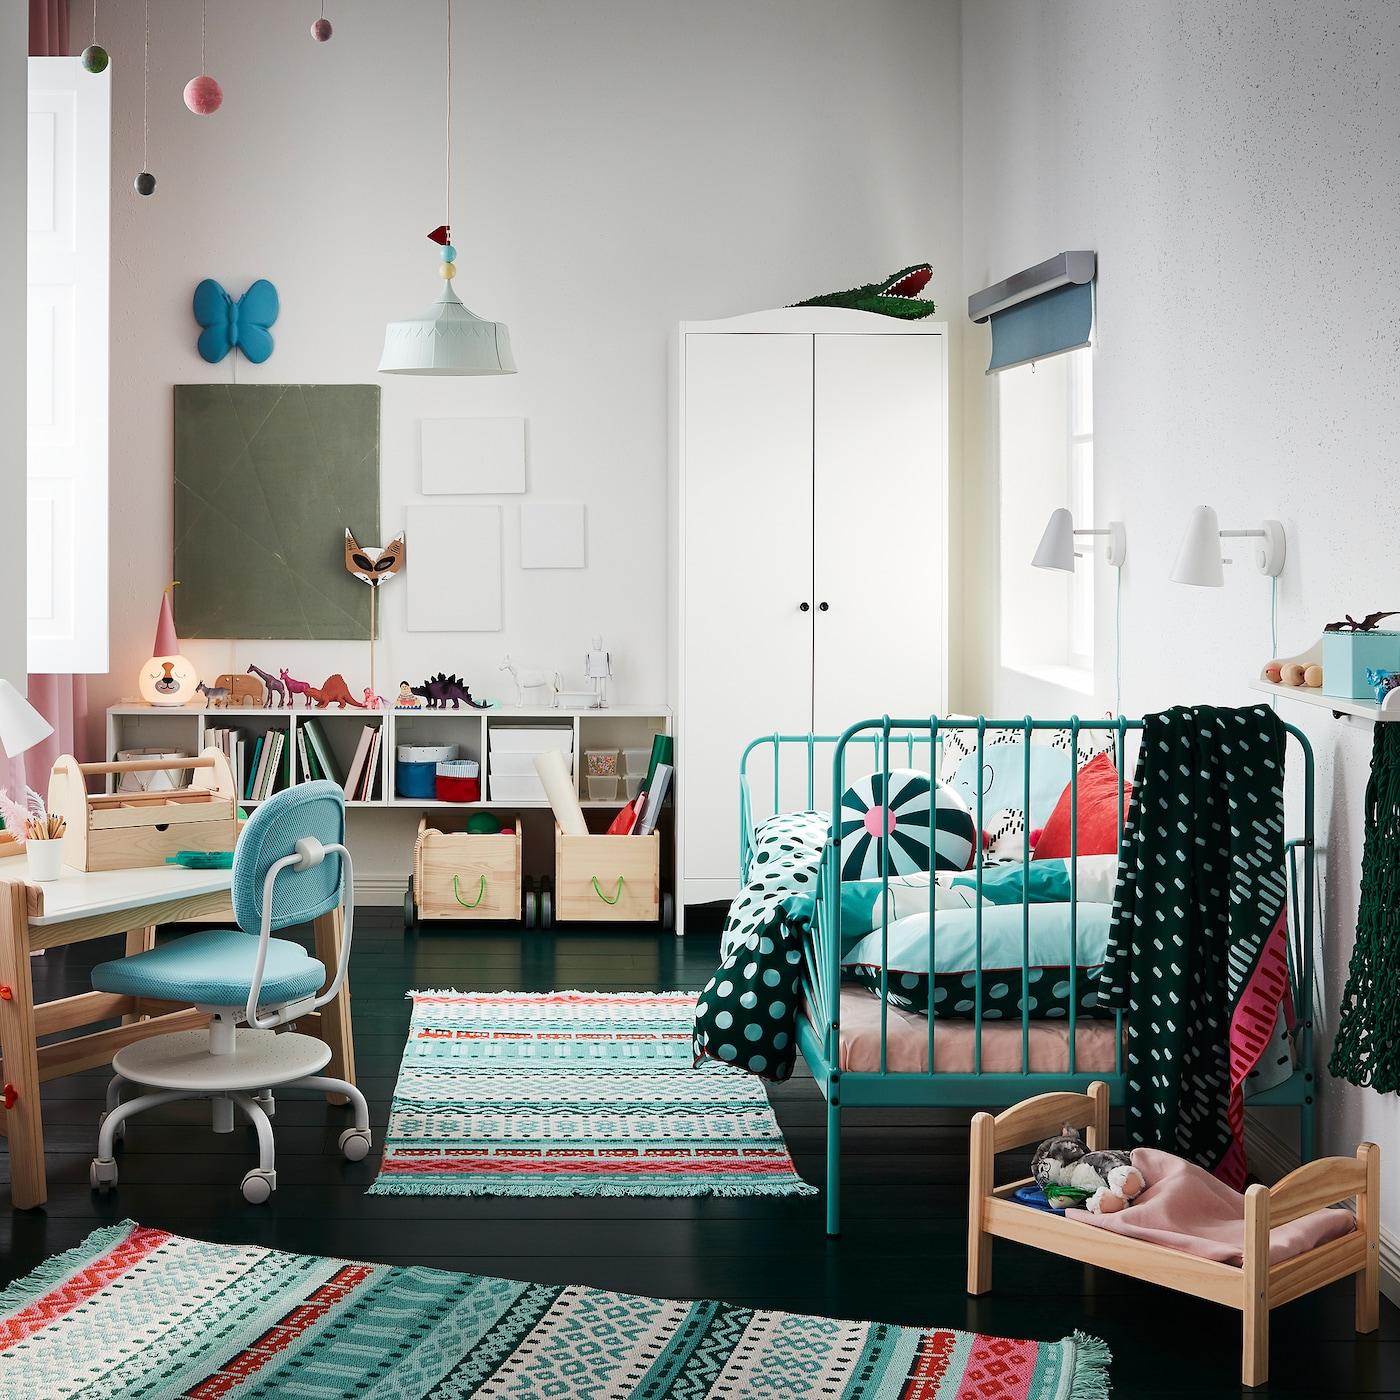 Chambre d'enfant agrémentée de tapis multicolores, avec lit turquoise, garde-robe blanche, lit de poupée et bureau d'enfant.